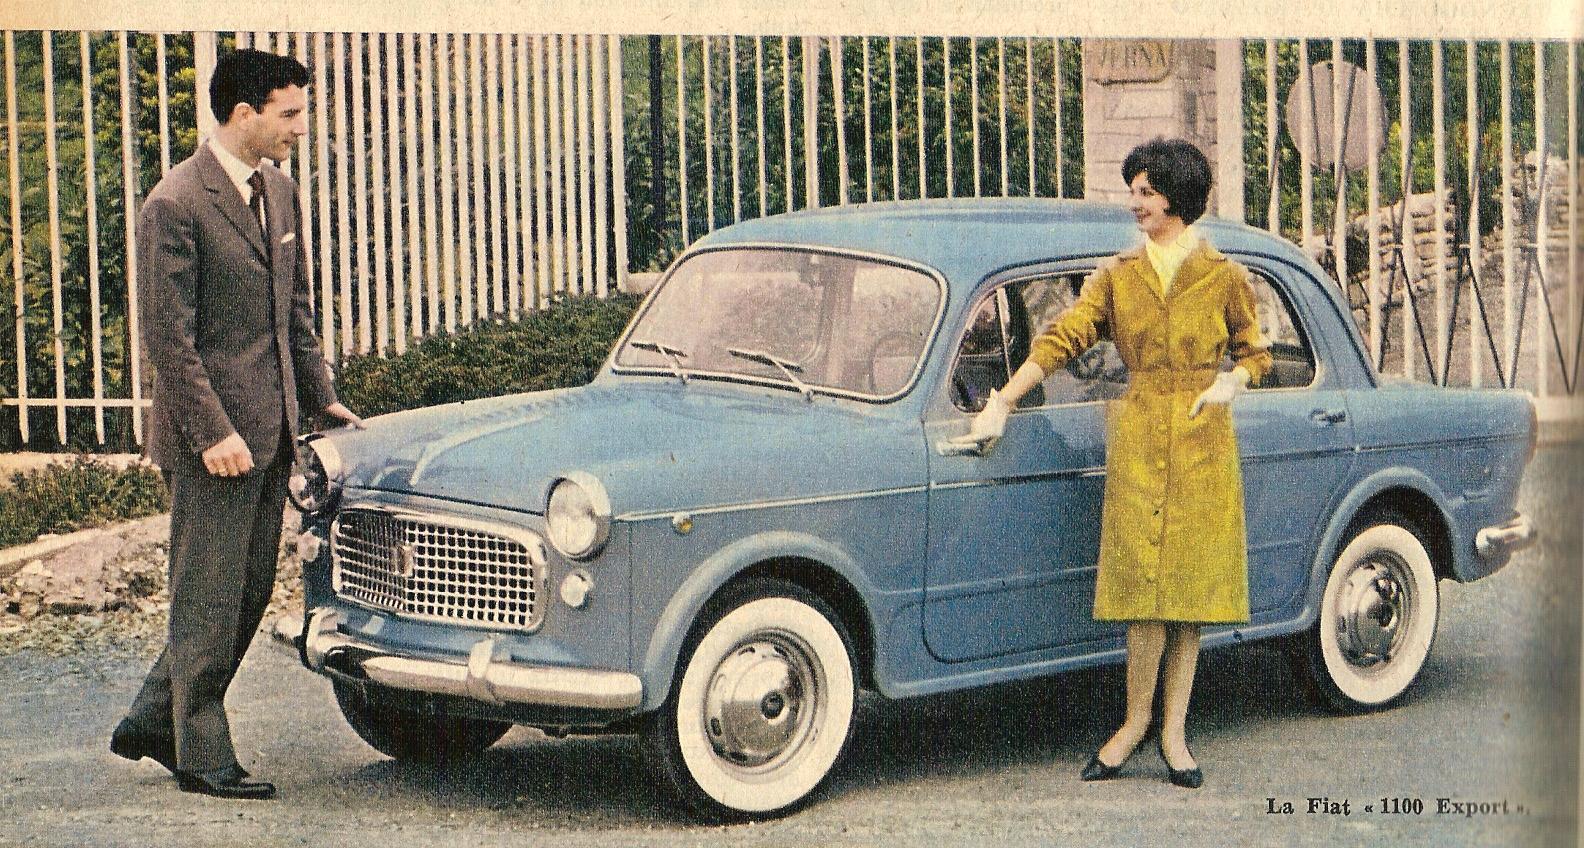 Fiat 1100-103 Export del 1960-61